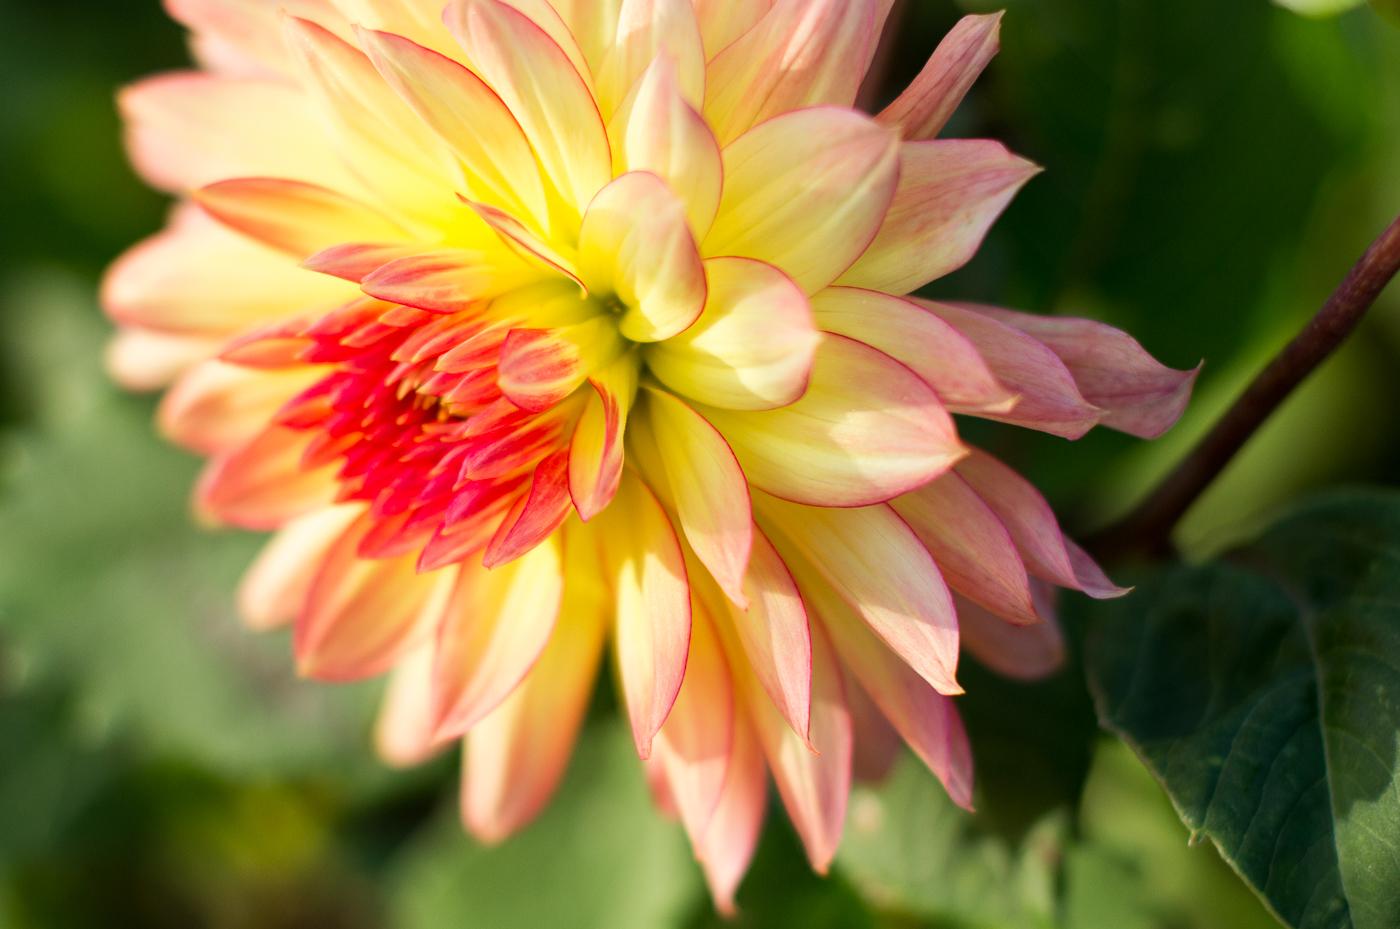 AutumnMorningFlower_IainMcDowell_BPIC.jpg